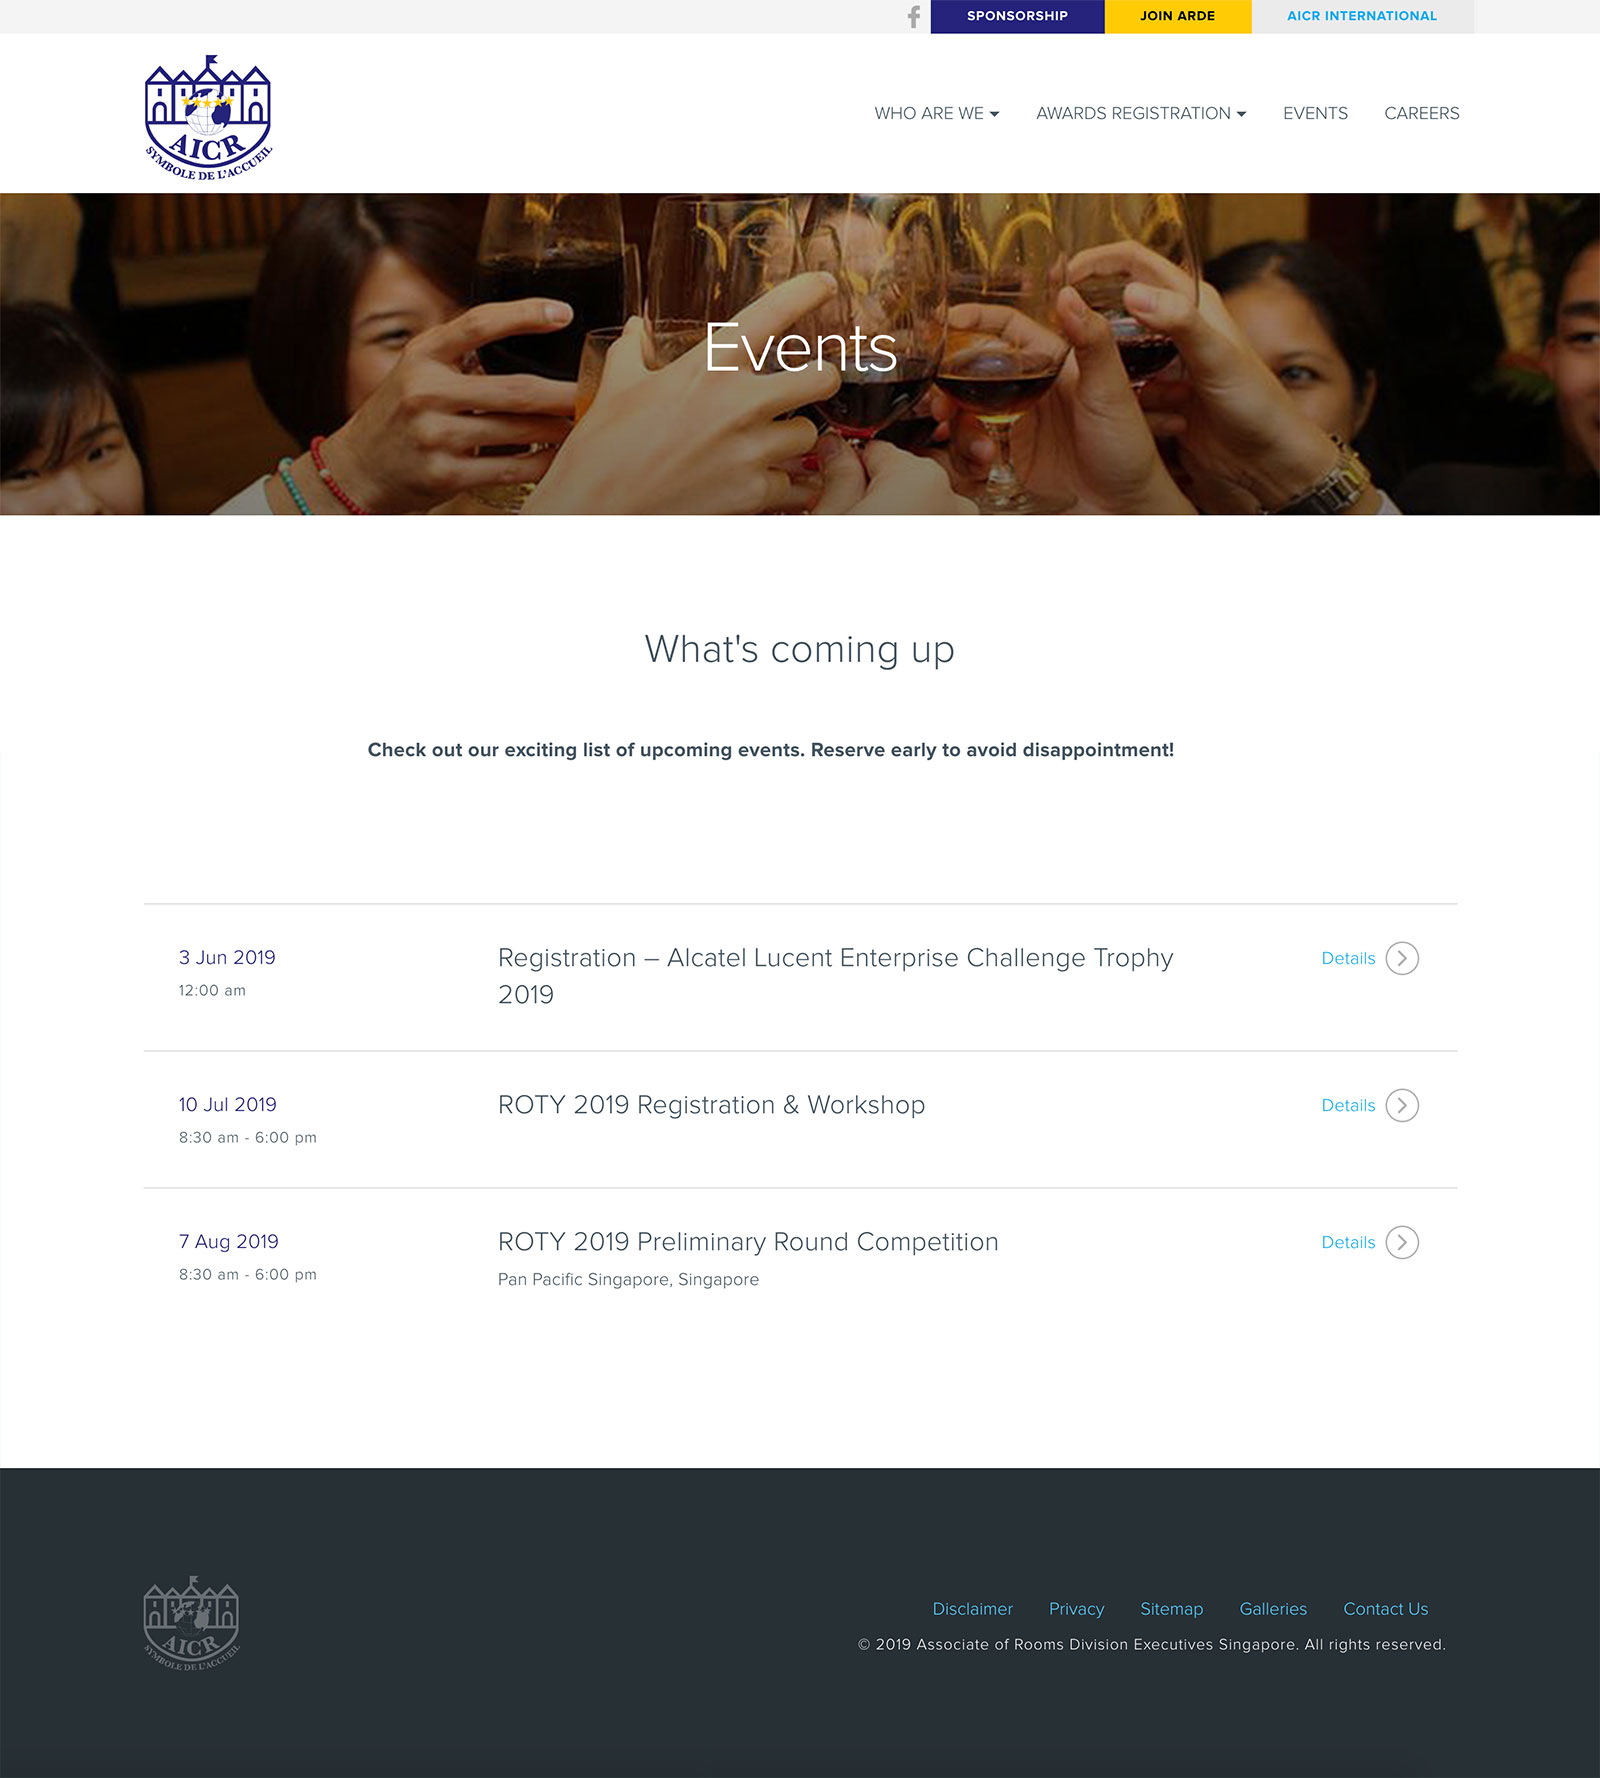 AICR Singapore - Events